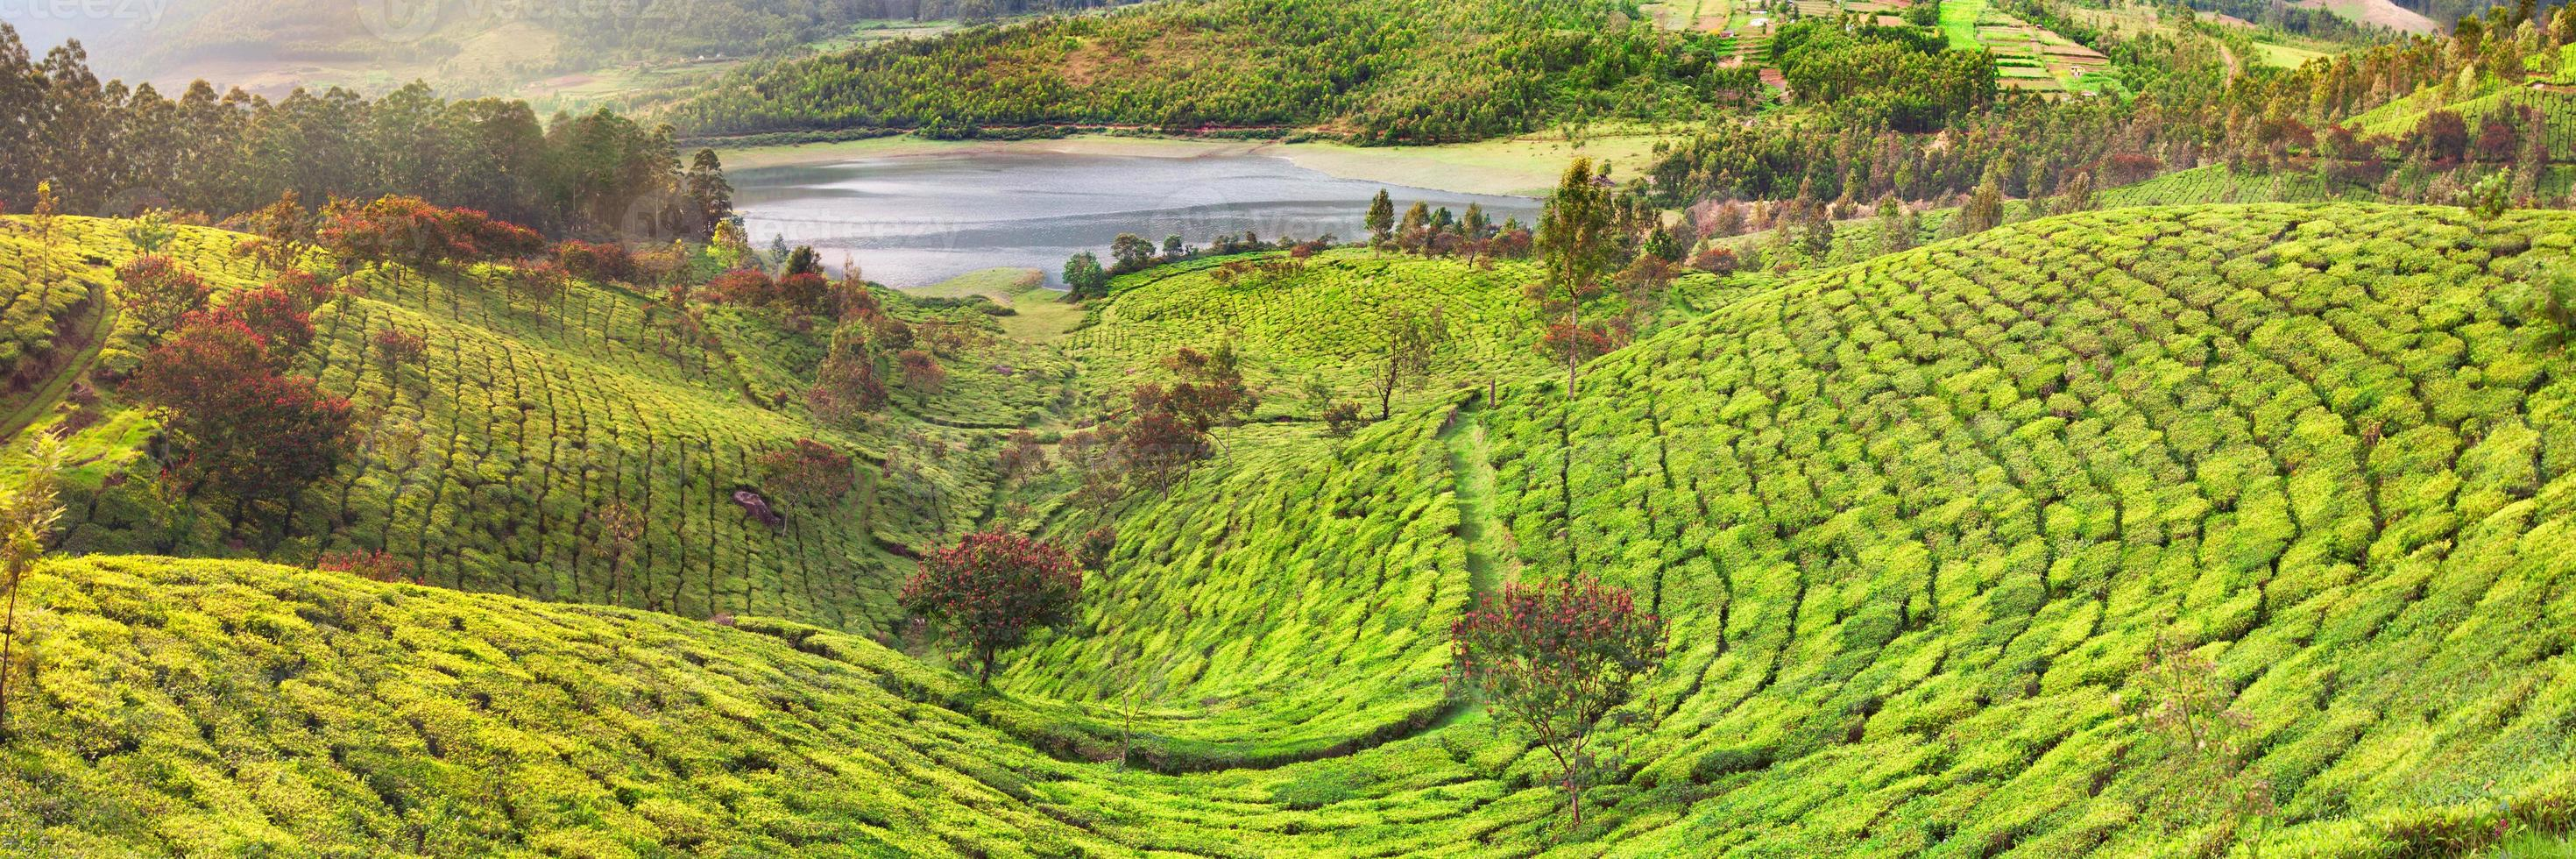 Teeplantage in Munnar, Indien foto